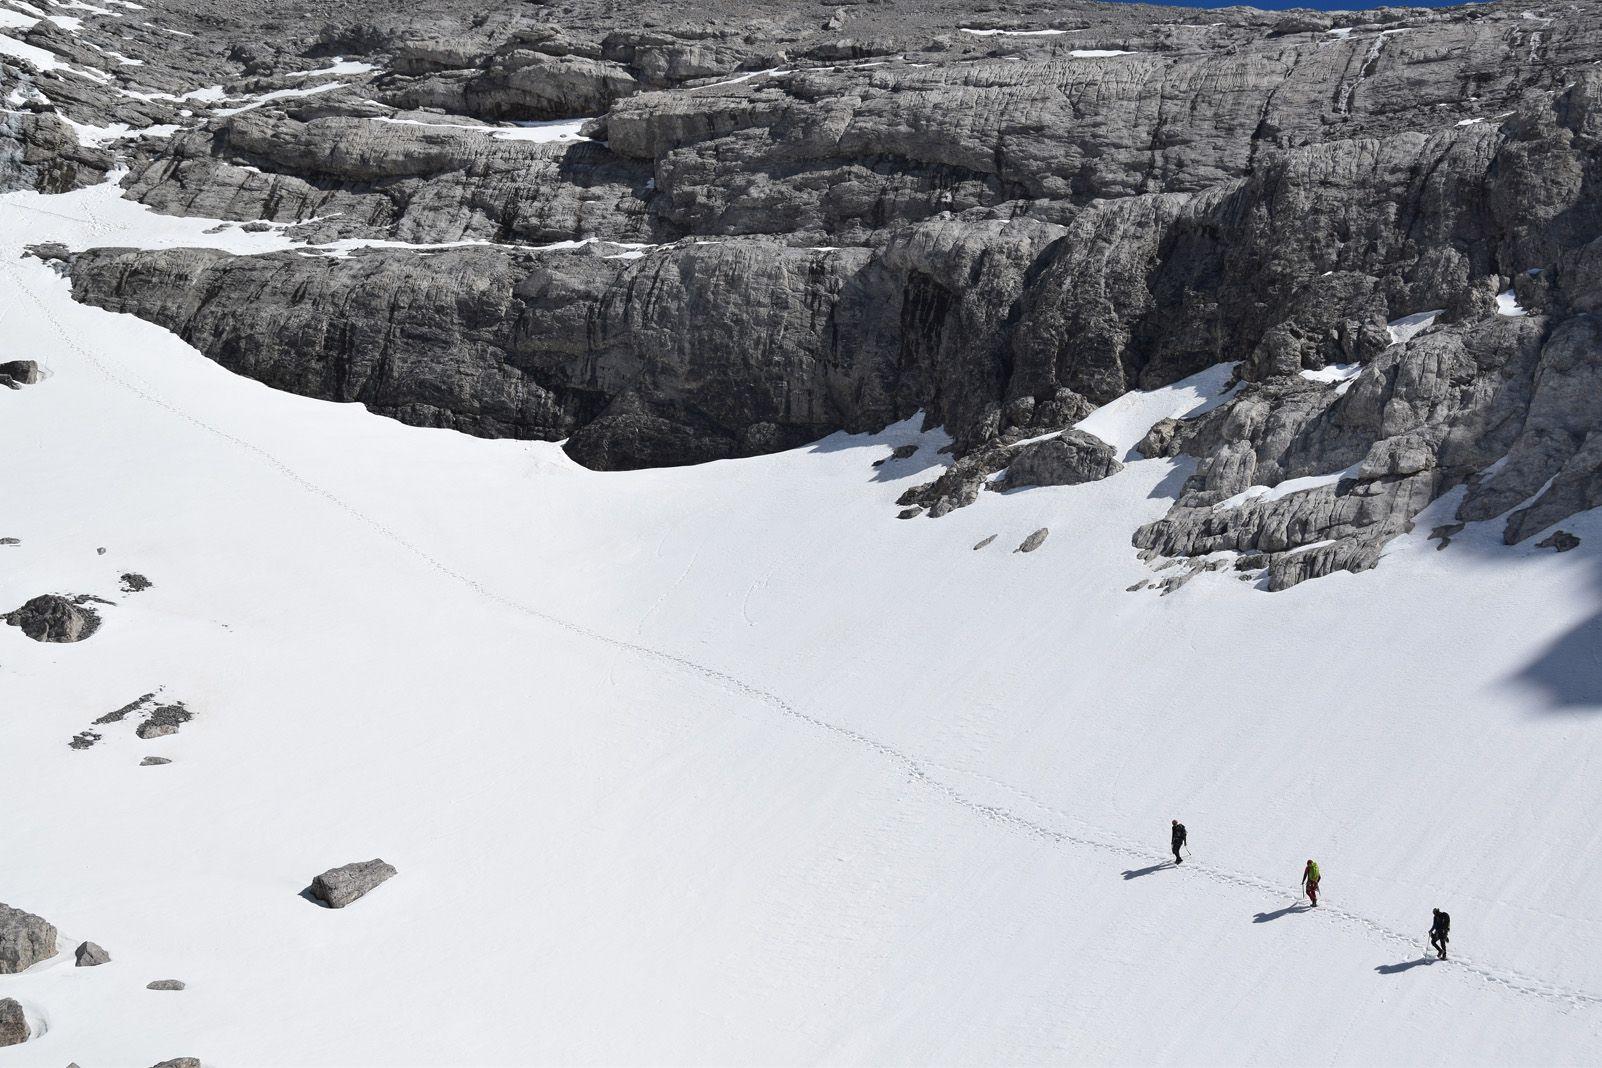 Carles Claraco Anguera   Cap al coll del Cilindro (Monte Perdido)   Coll del Cilindro, a sota del Monte Perdido